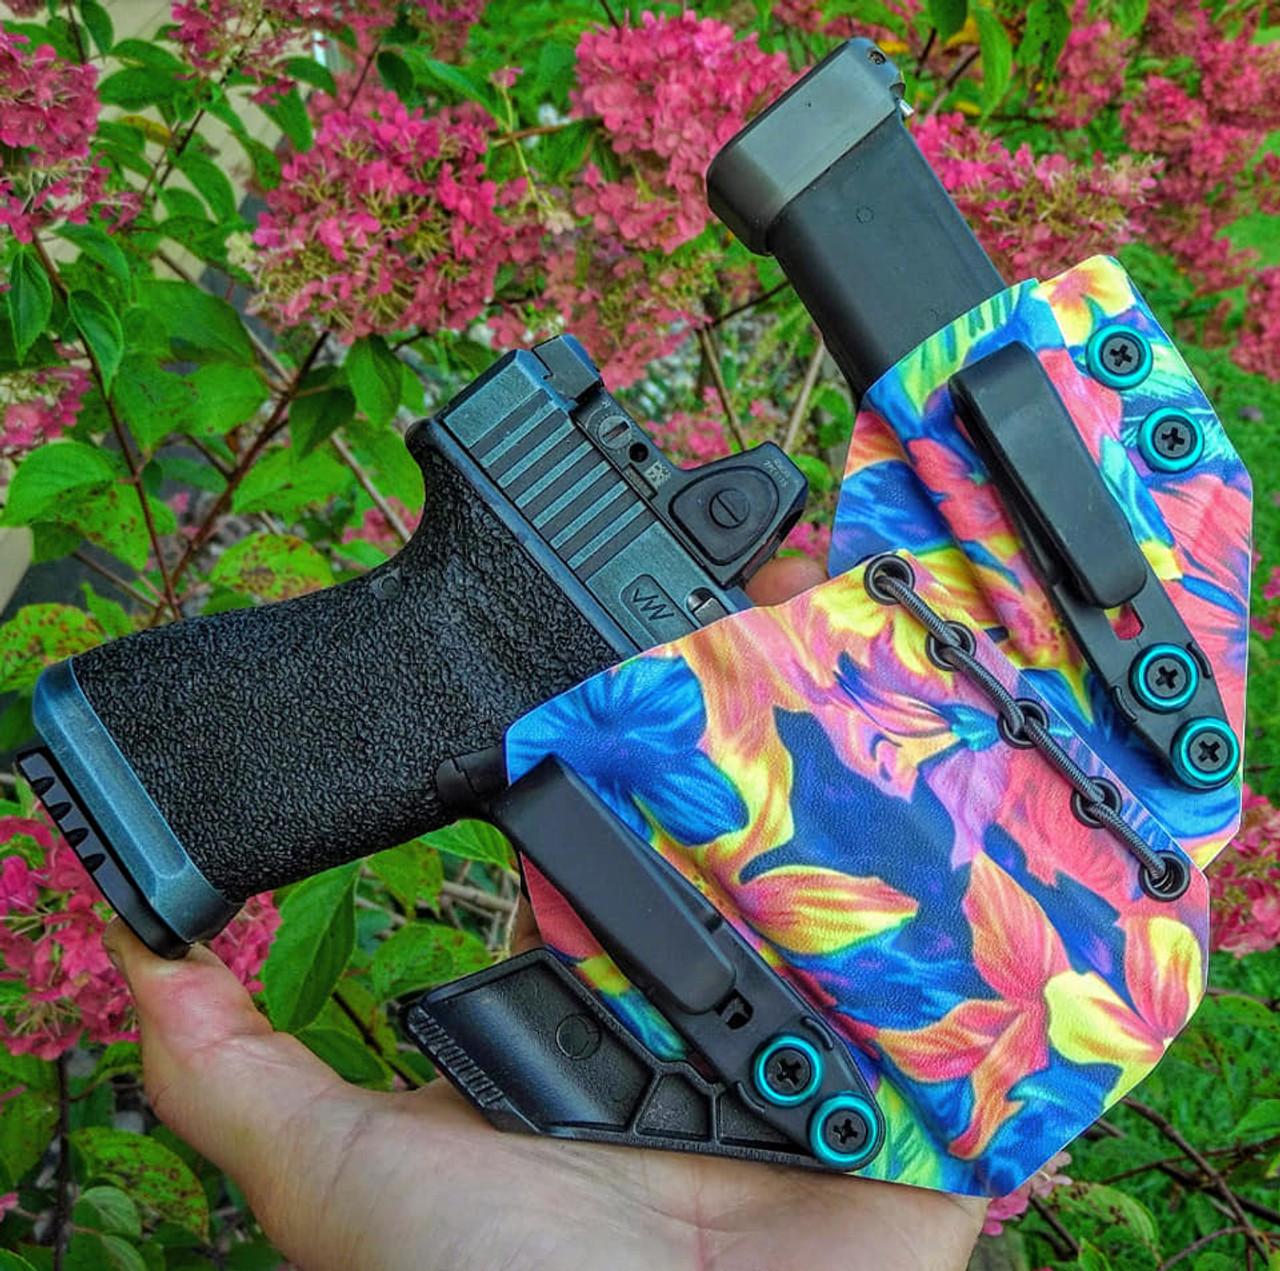 Glock 19 Flexible Appendix Carry Rig